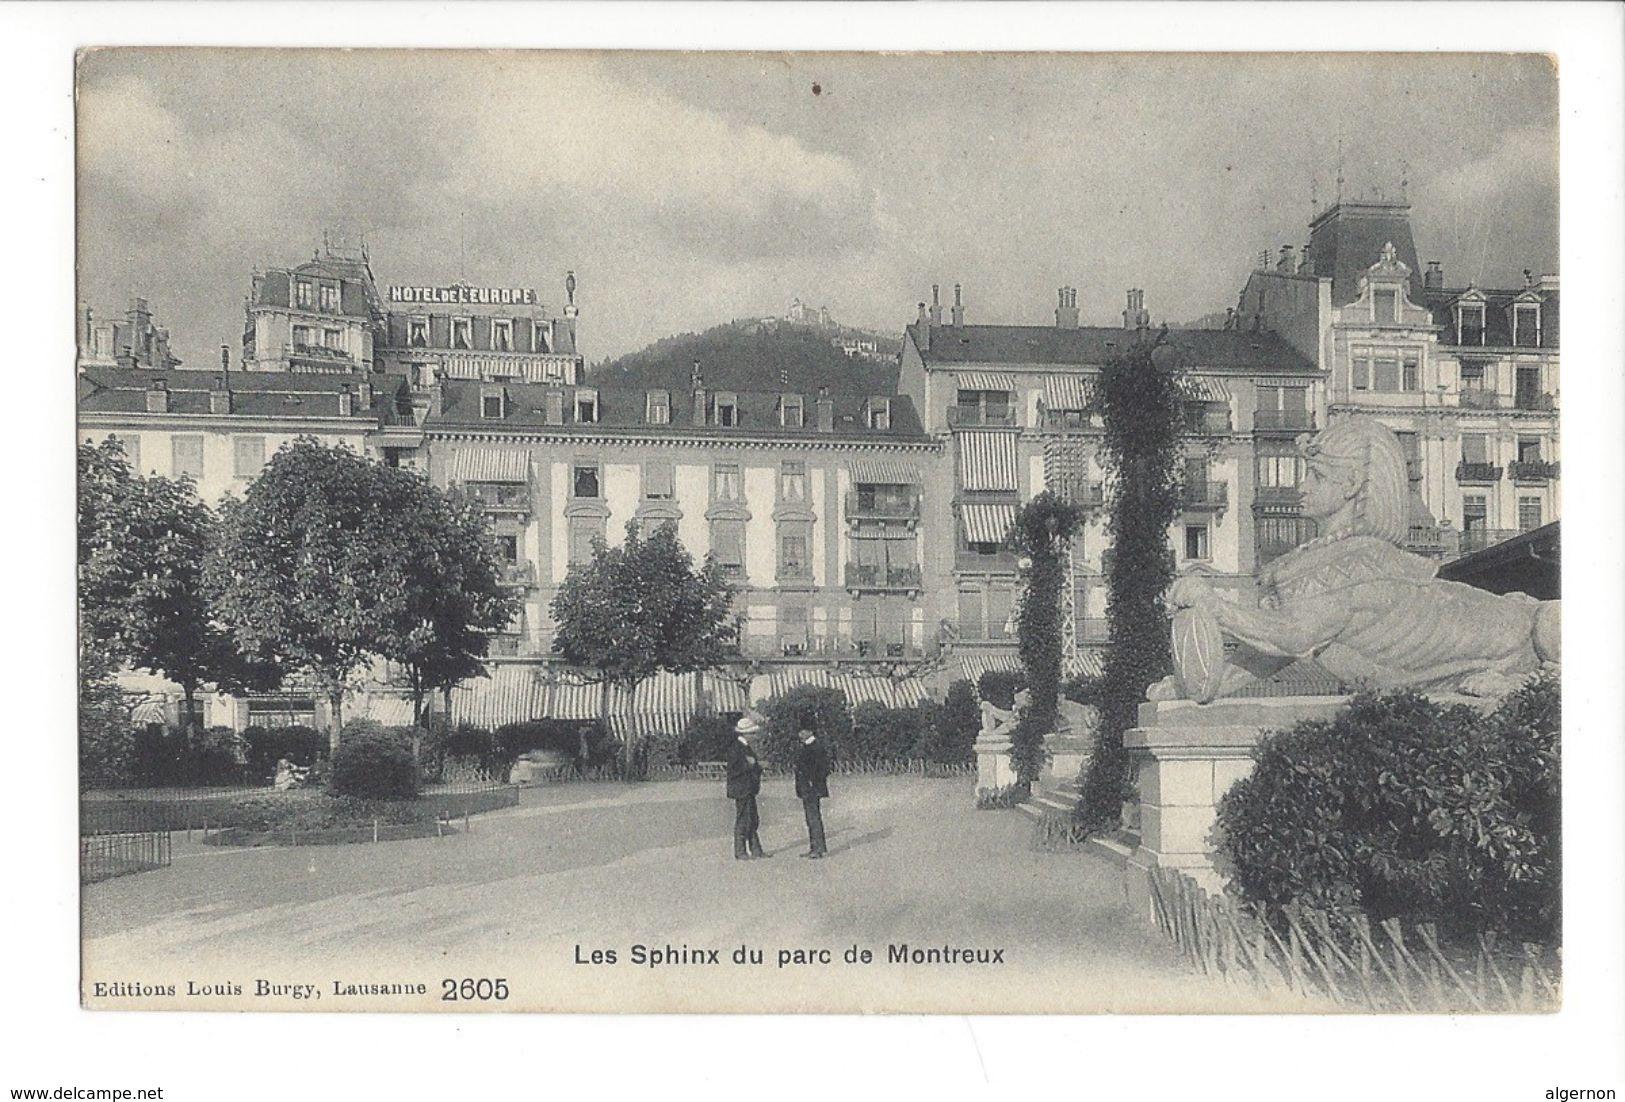 18957 - Les Sphinx Du Parc De Montreux Hôtel De L'Europe - VD Vaud